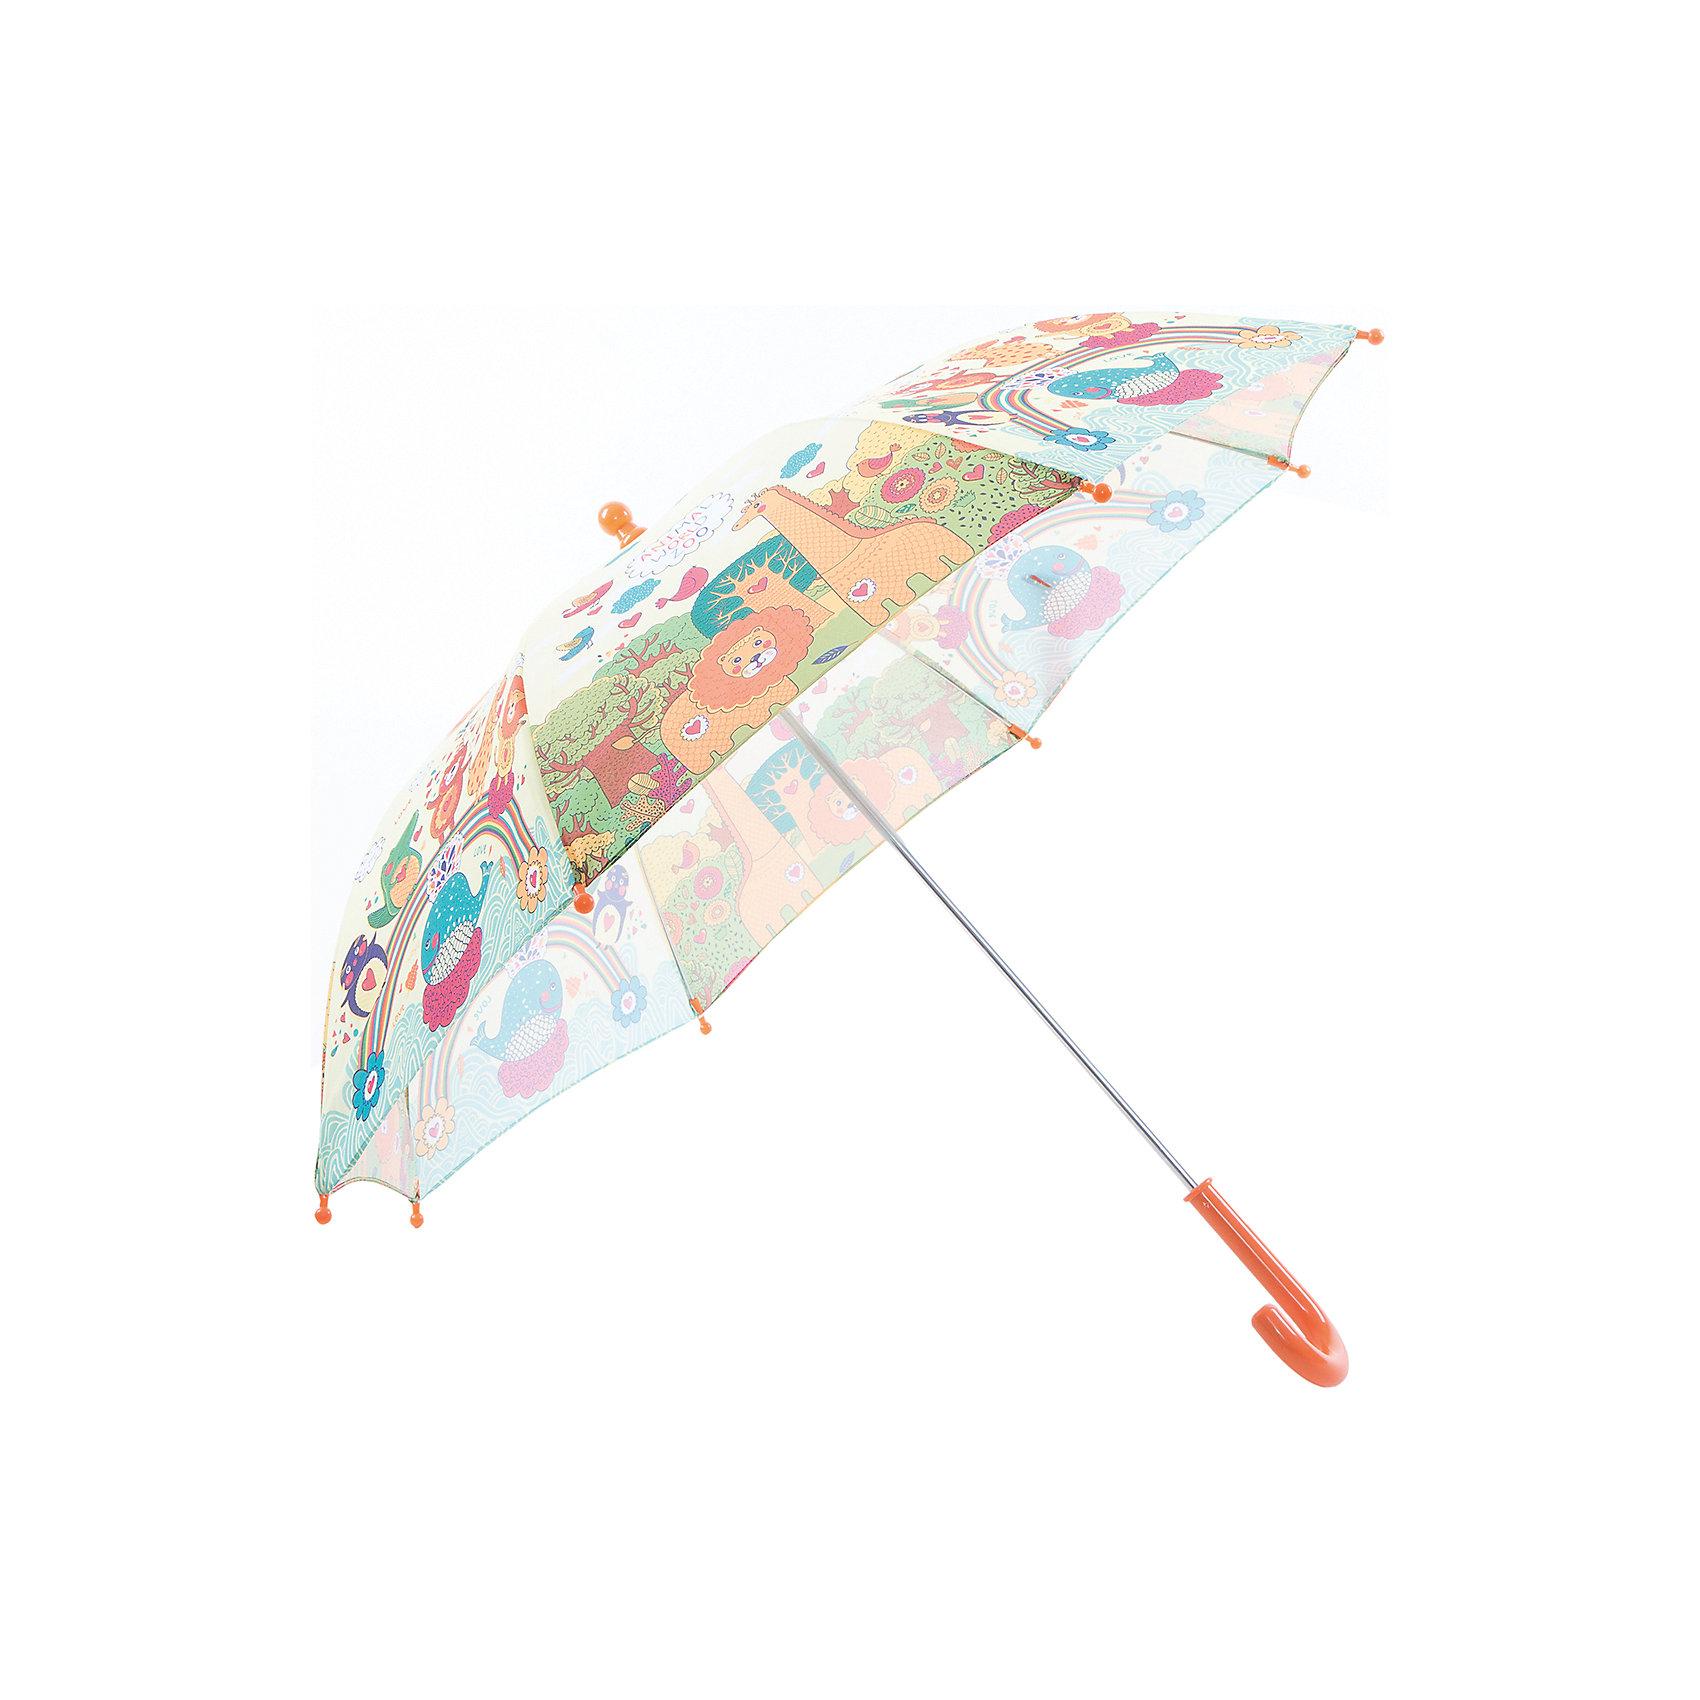 Зонт-трость, детский, рисунок ЗоопаркКрасочный детский зонтик Zest 81561, трость, механика, 8 спиц, купол 72 см, материал купола полиэстер, ручка зонта из пластика, материал каркаса - сталь. Концы спиц зонтика прикрыты специальными колпачками. ВЕТРОУСТОЙЧИВАЯ КОНСТРУКЦИЯ. Внимание! В сильный ветер не эксплуатировать! Зонт может сломаться. Гарантия 6 месяцев, срок службы 5 лет.<br><br>Ширина мм: 570<br>Глубина мм: 0<br>Высота мм: 0<br>Вес г: 205<br>Возраст от месяцев: 36<br>Возраст до месяцев: 2147483647<br>Пол: Унисекс<br>Возраст: Детский<br>SKU: 5511999